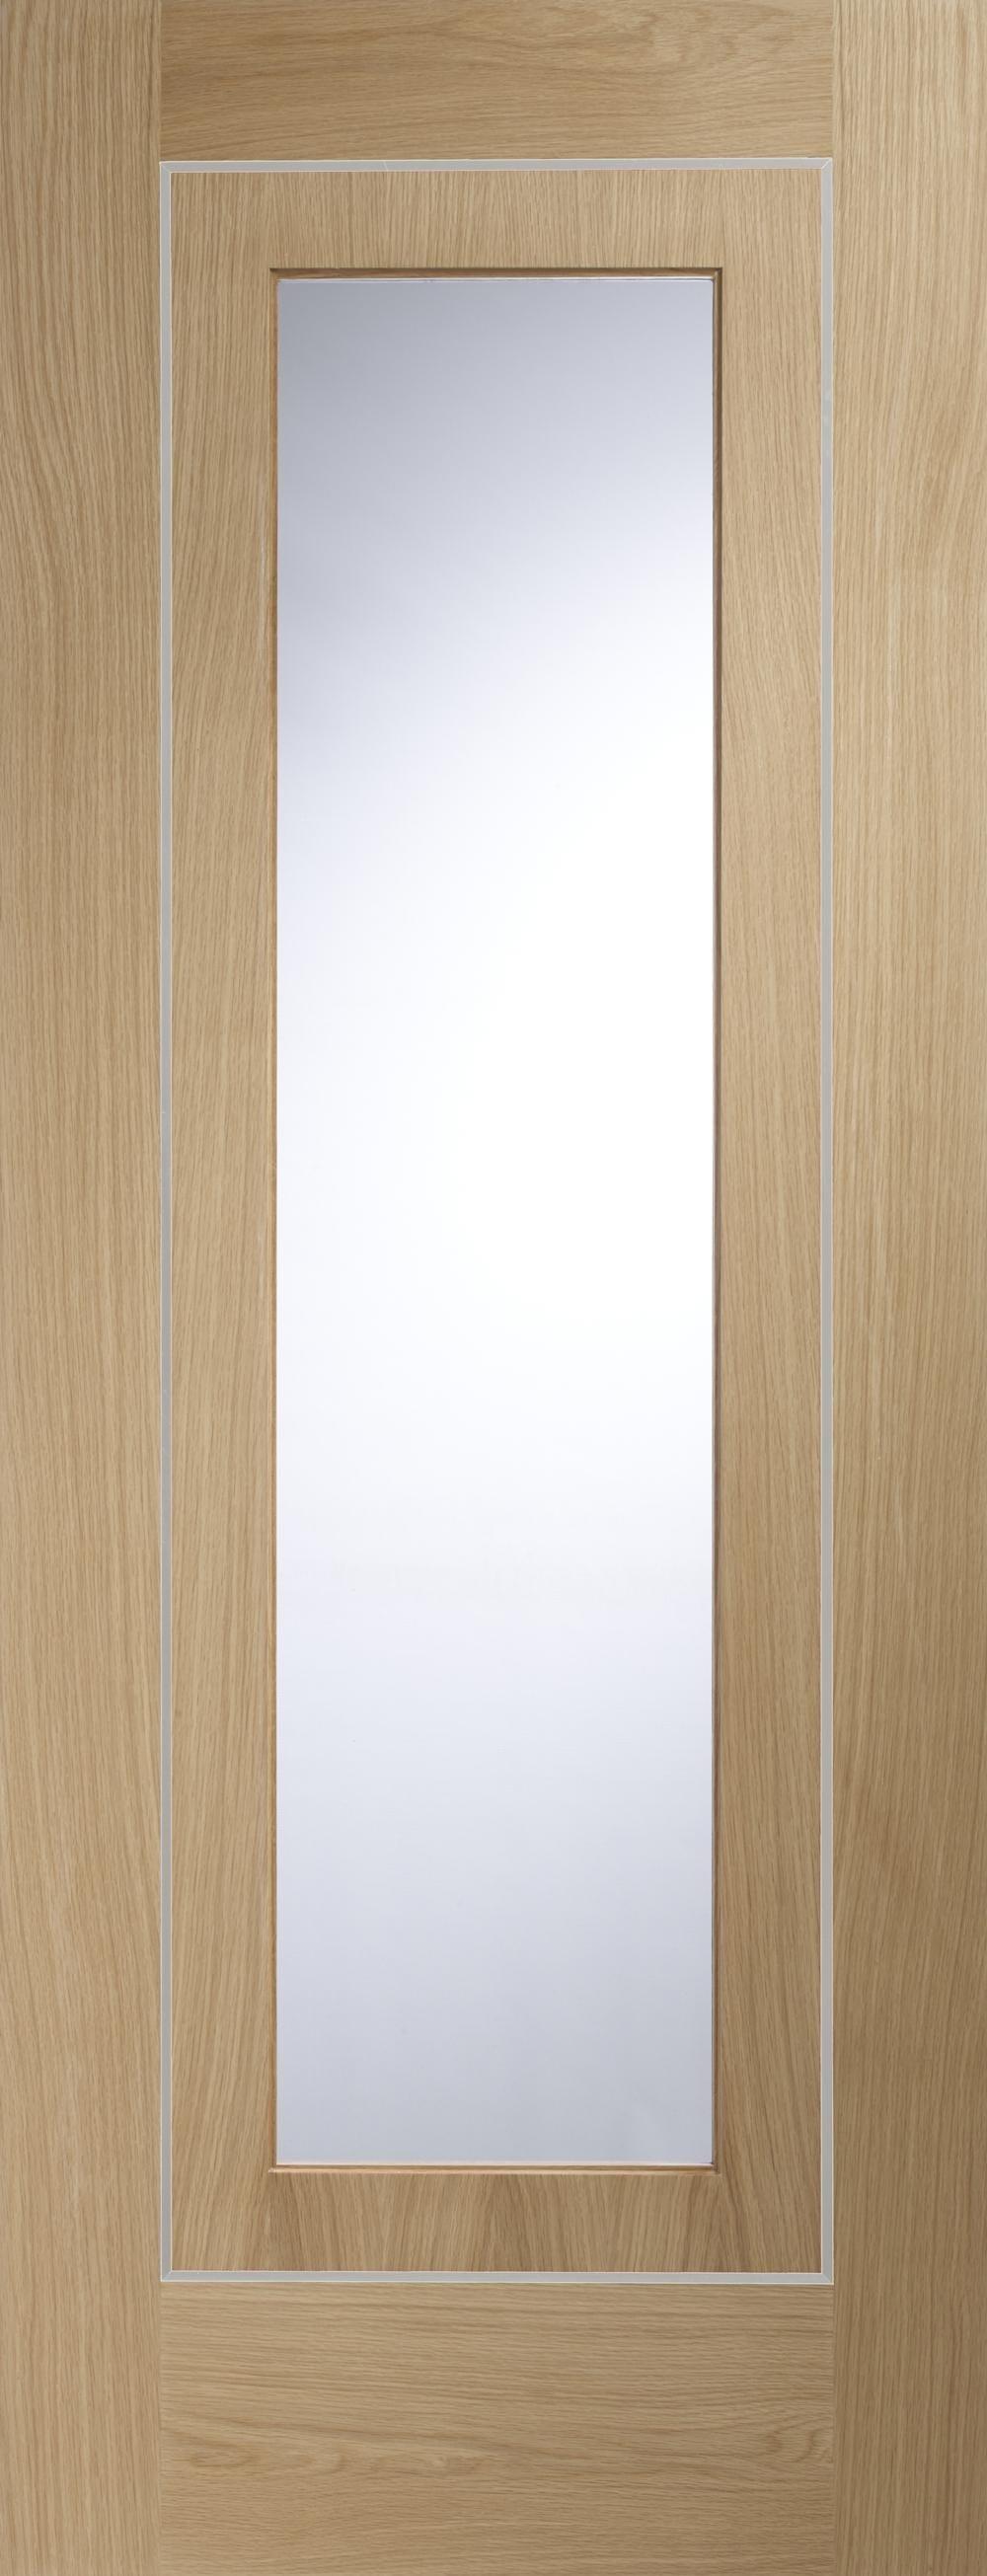 Varese Oak Glazed - Prefinished  Image